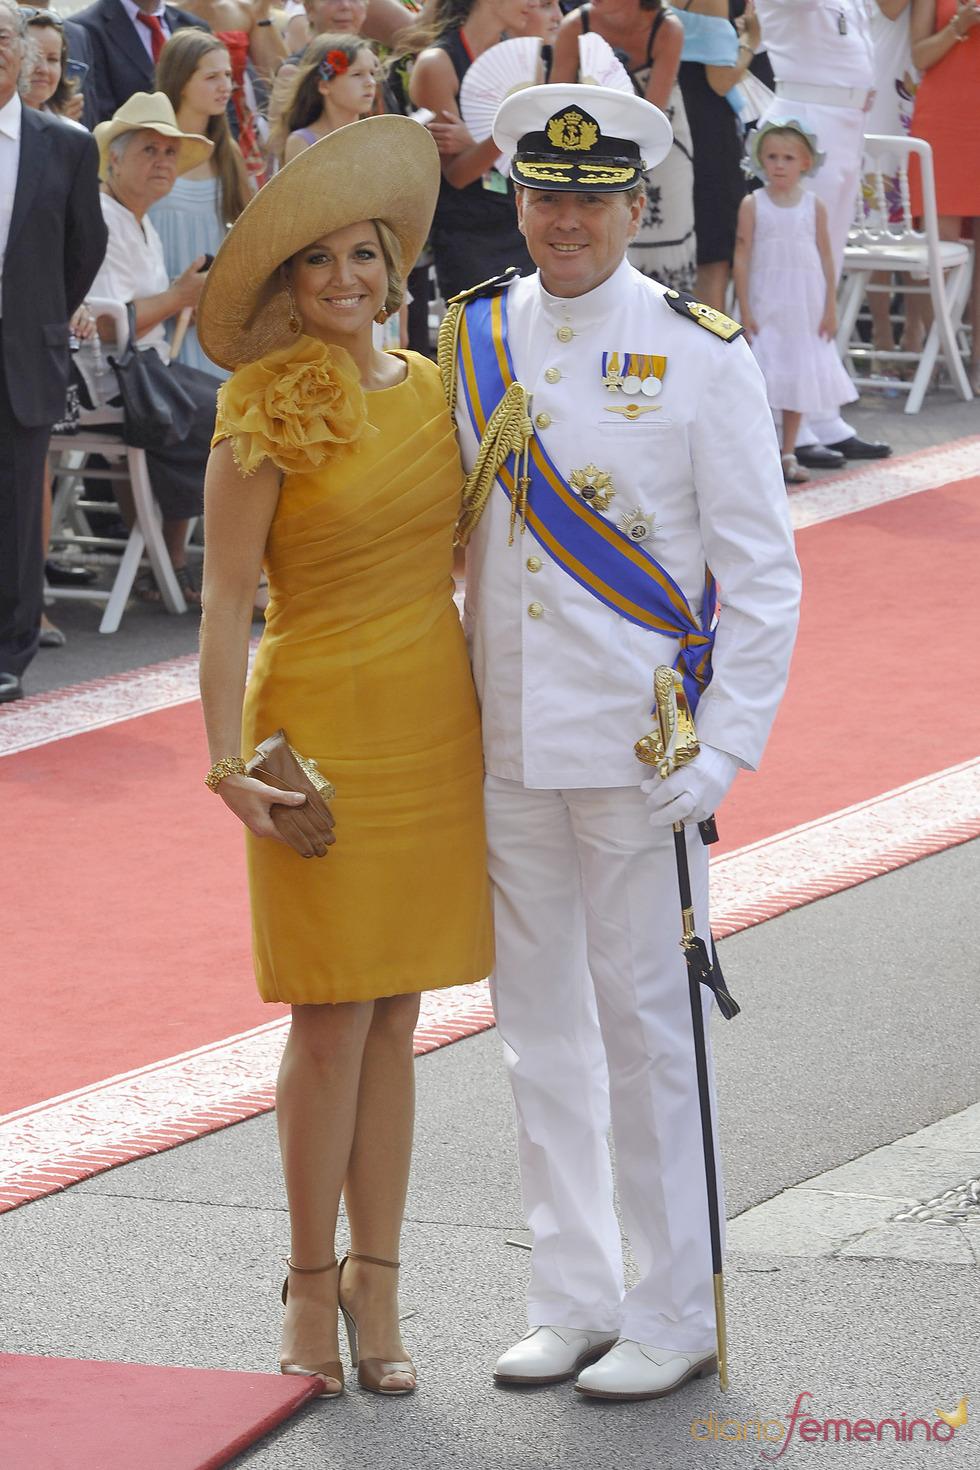 Guillermo Alejandro y Máxima de Holanda llegan a la ceremonia religiosa de la Boda Real de Mónaco